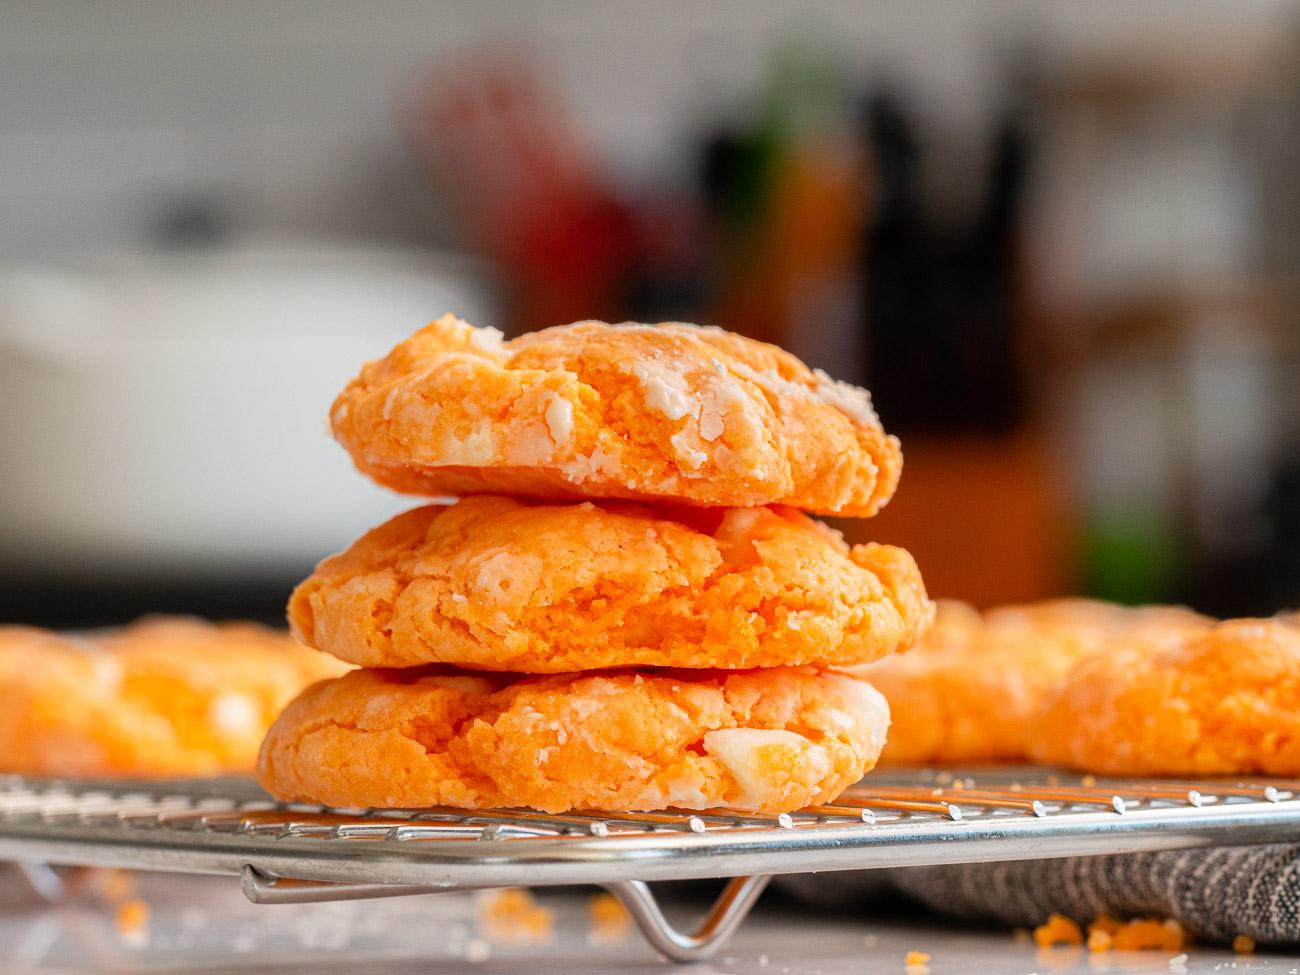 Stack of orange creamsicle cookies